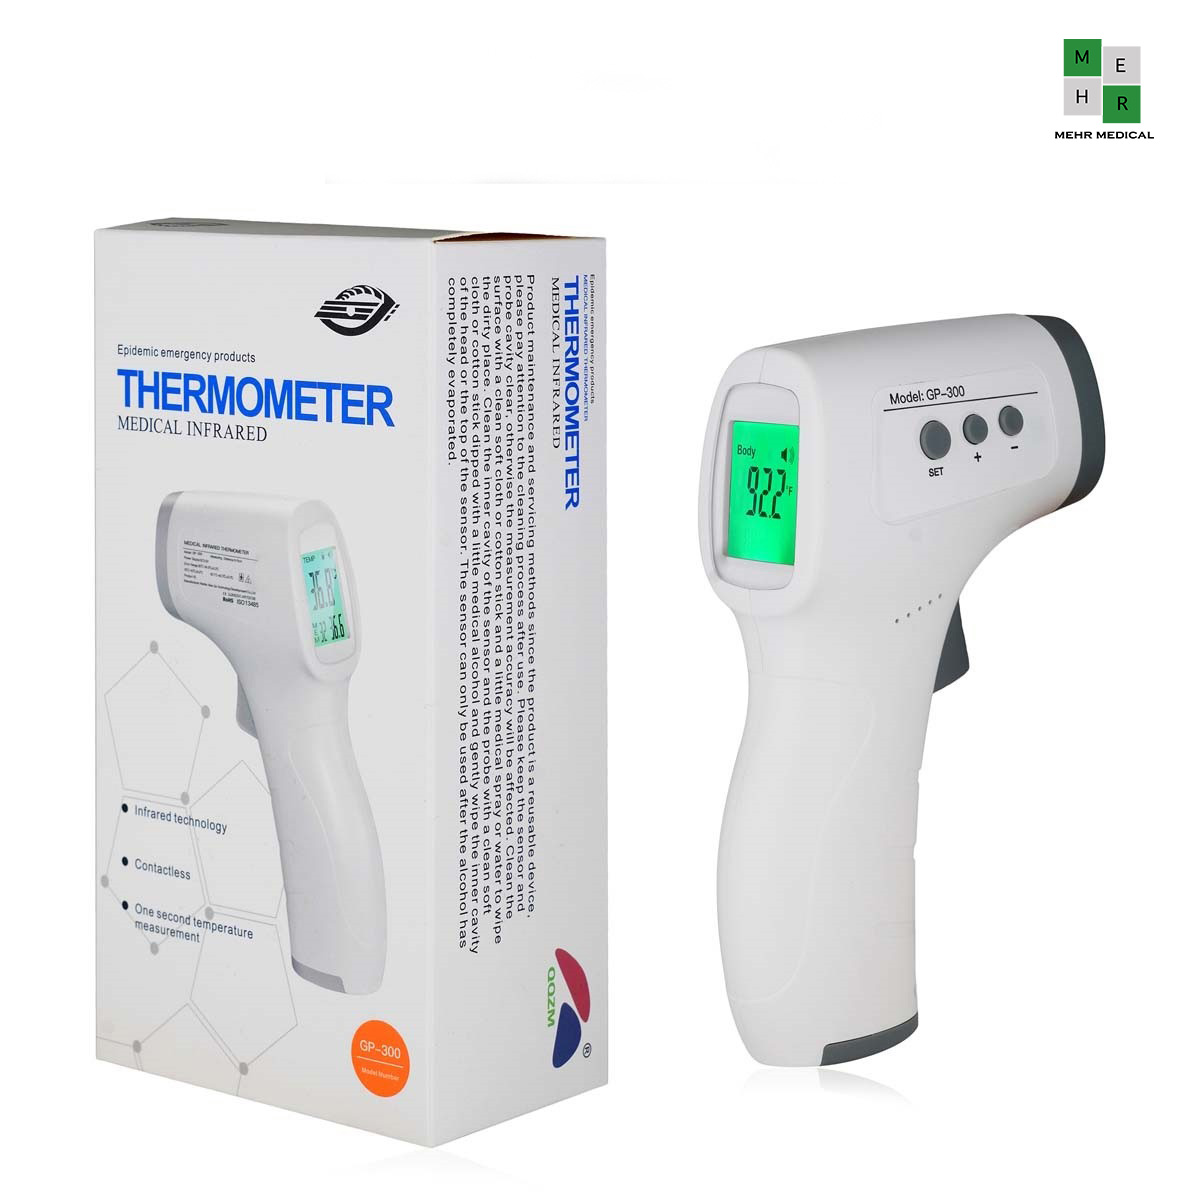 ترمومتر تب سنج لیزری Gp-300